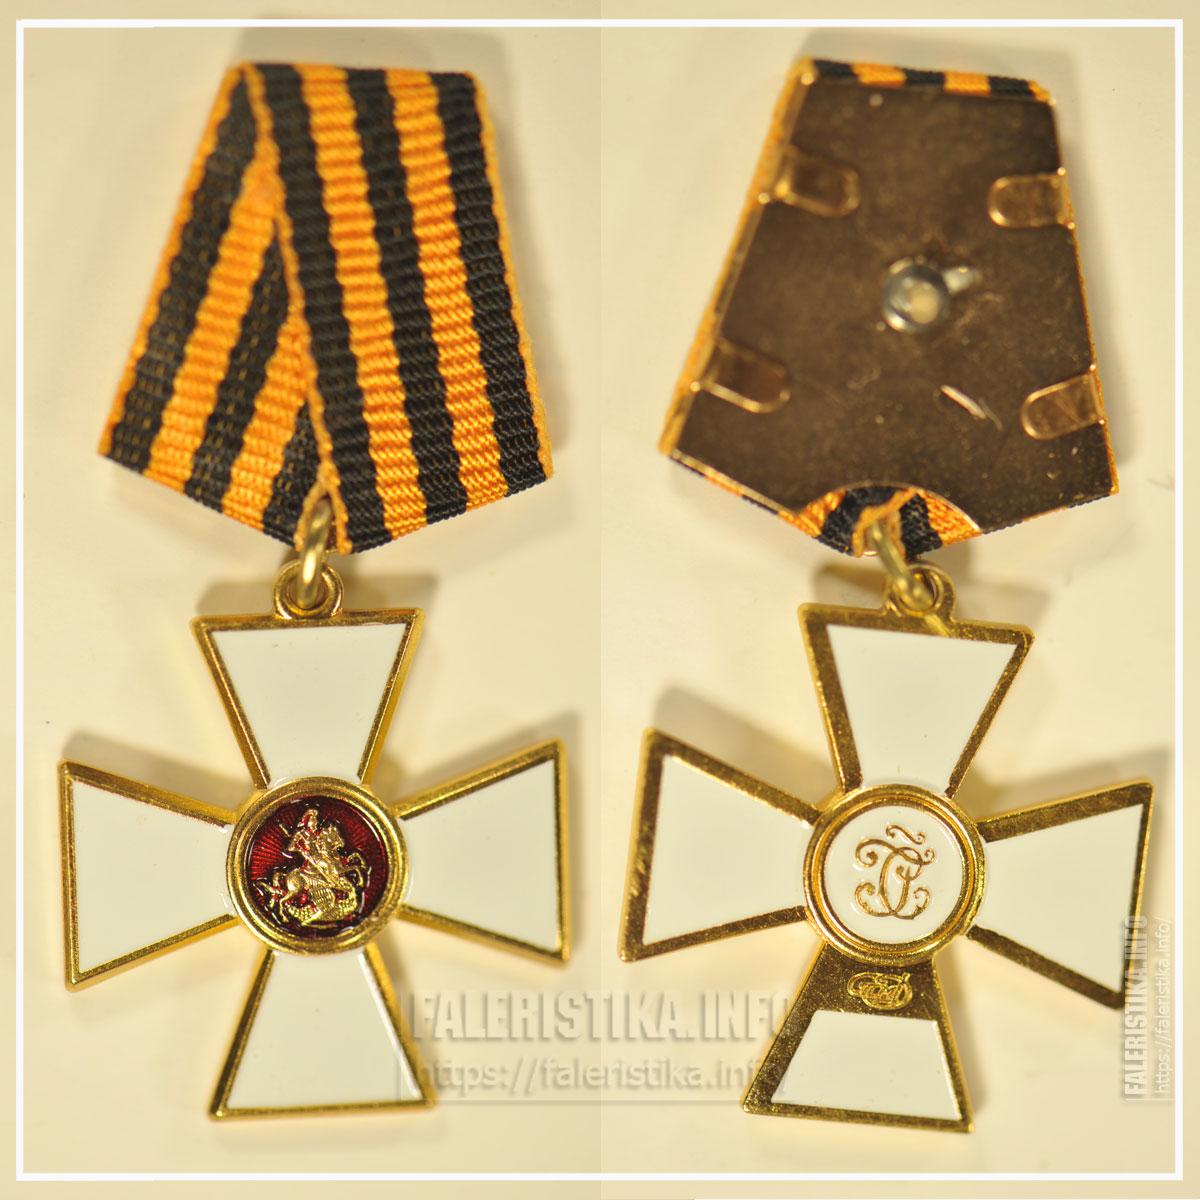 Орден Святого Георгия IV степени. Миниатюрная копия знака (фрачник). Санкт-Петербургский монетный двор. Частное собрание